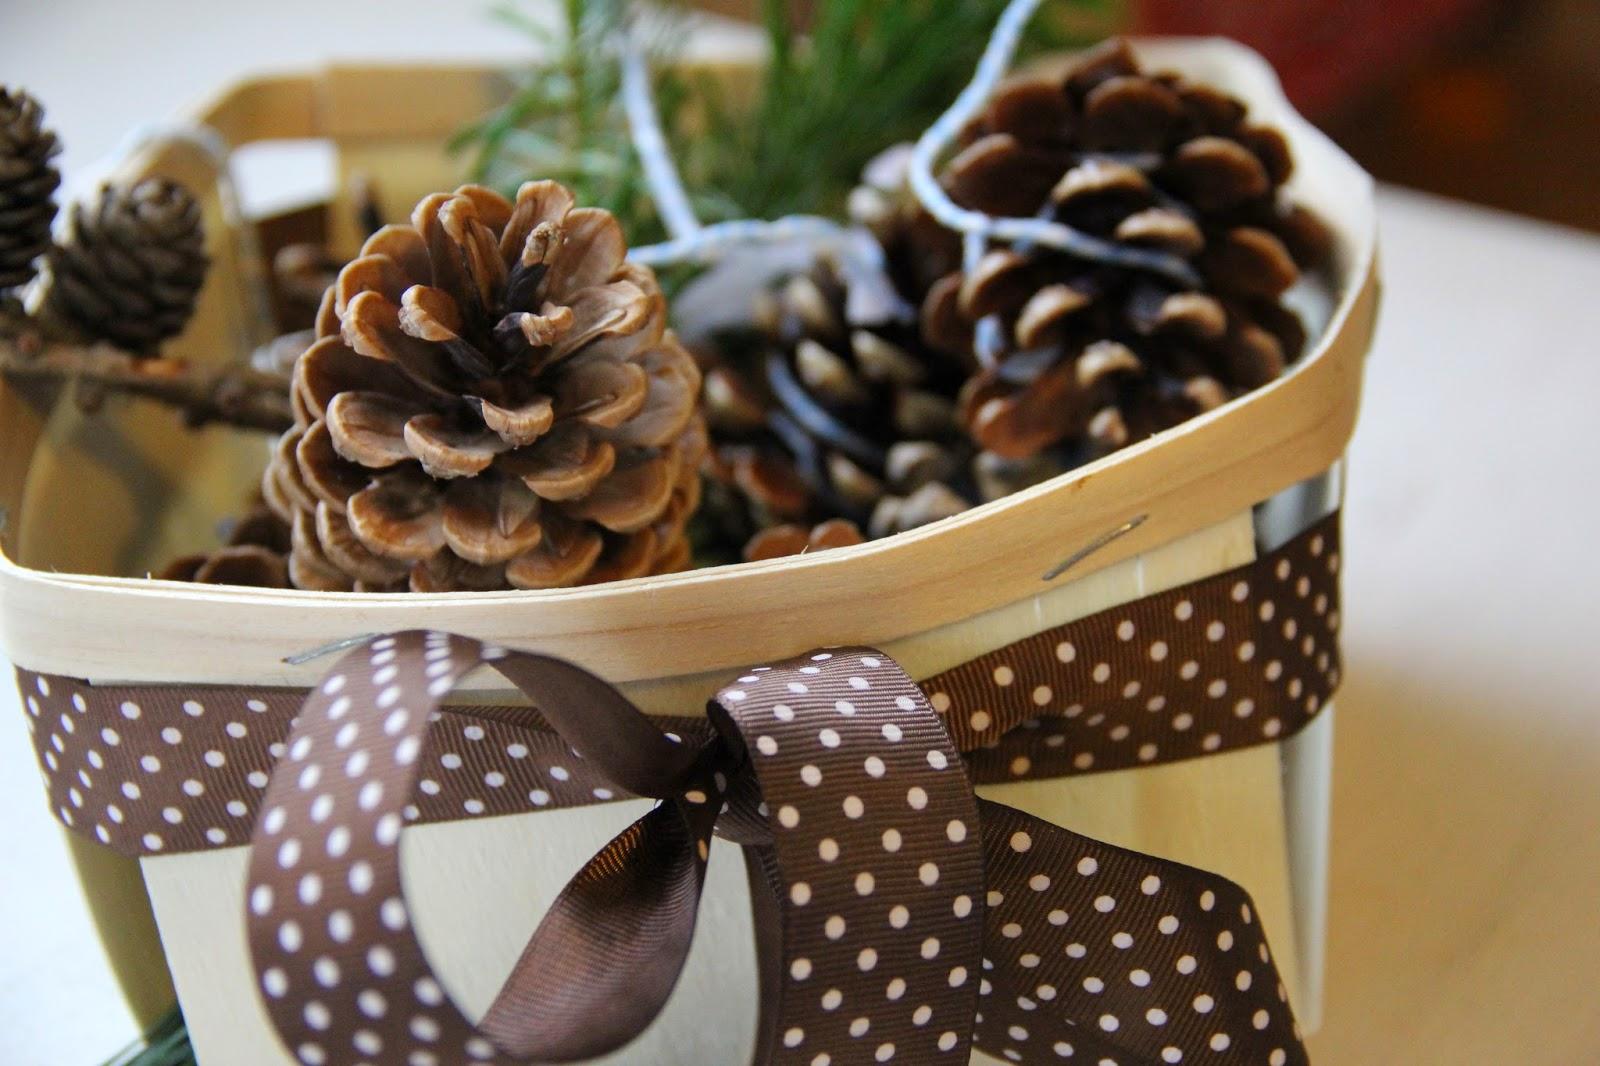 familienjahr selbstgemachte weihnachtsgeschenke kaminanz nder zapfen. Black Bedroom Furniture Sets. Home Design Ideas